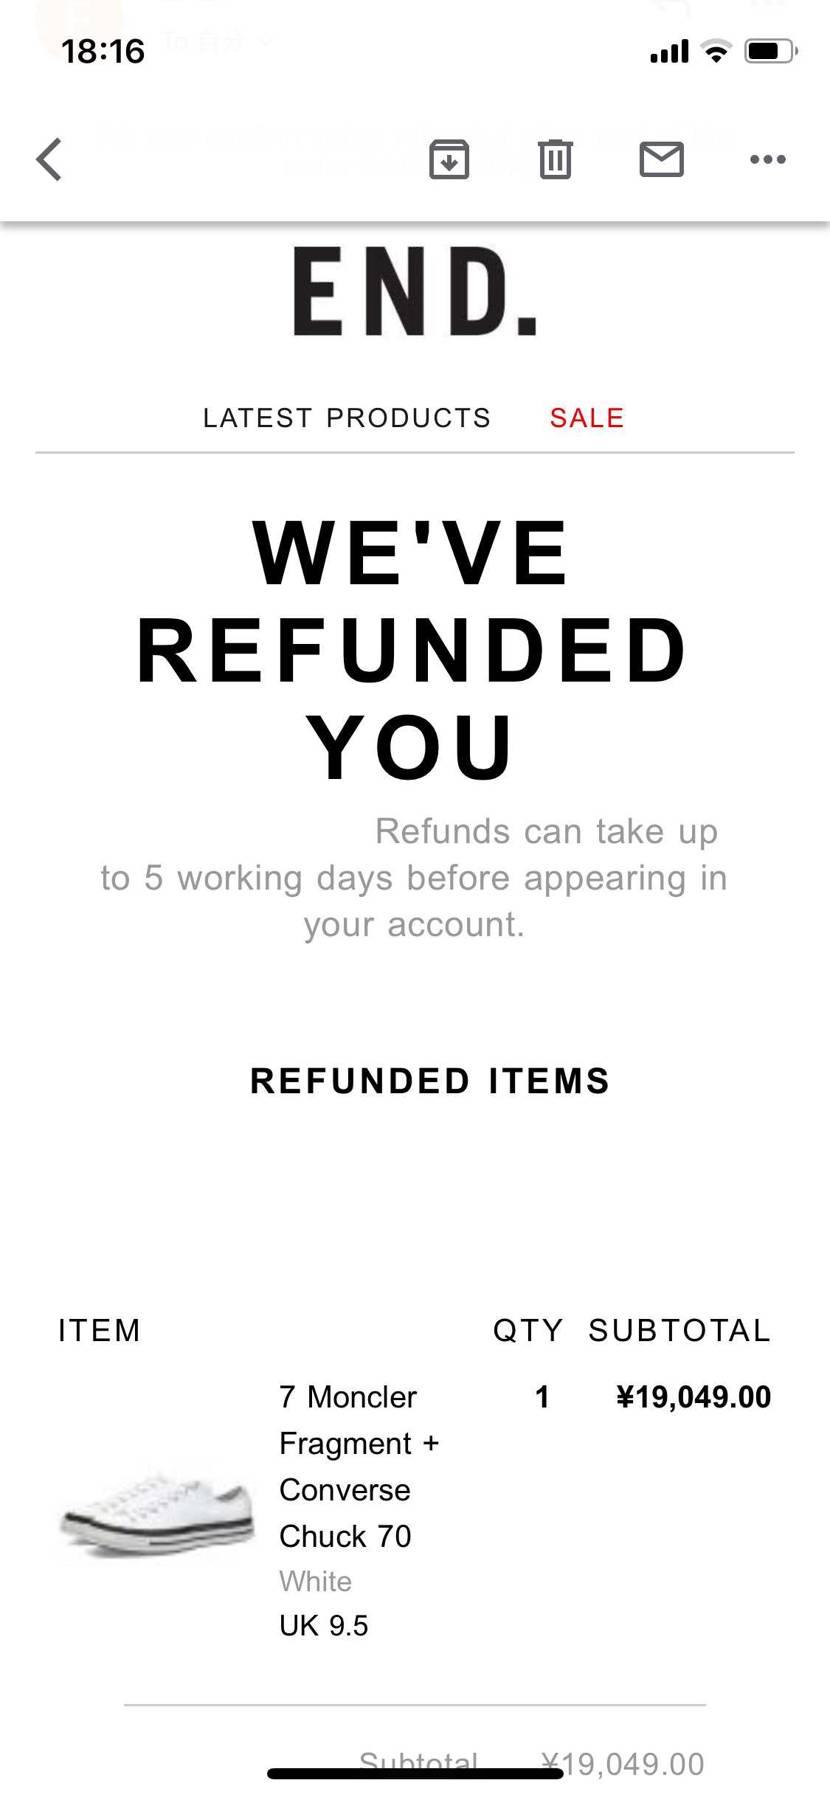 自分のはキャンセルされてなかったから届くかと思ったら、やっぱりダメでしたね…